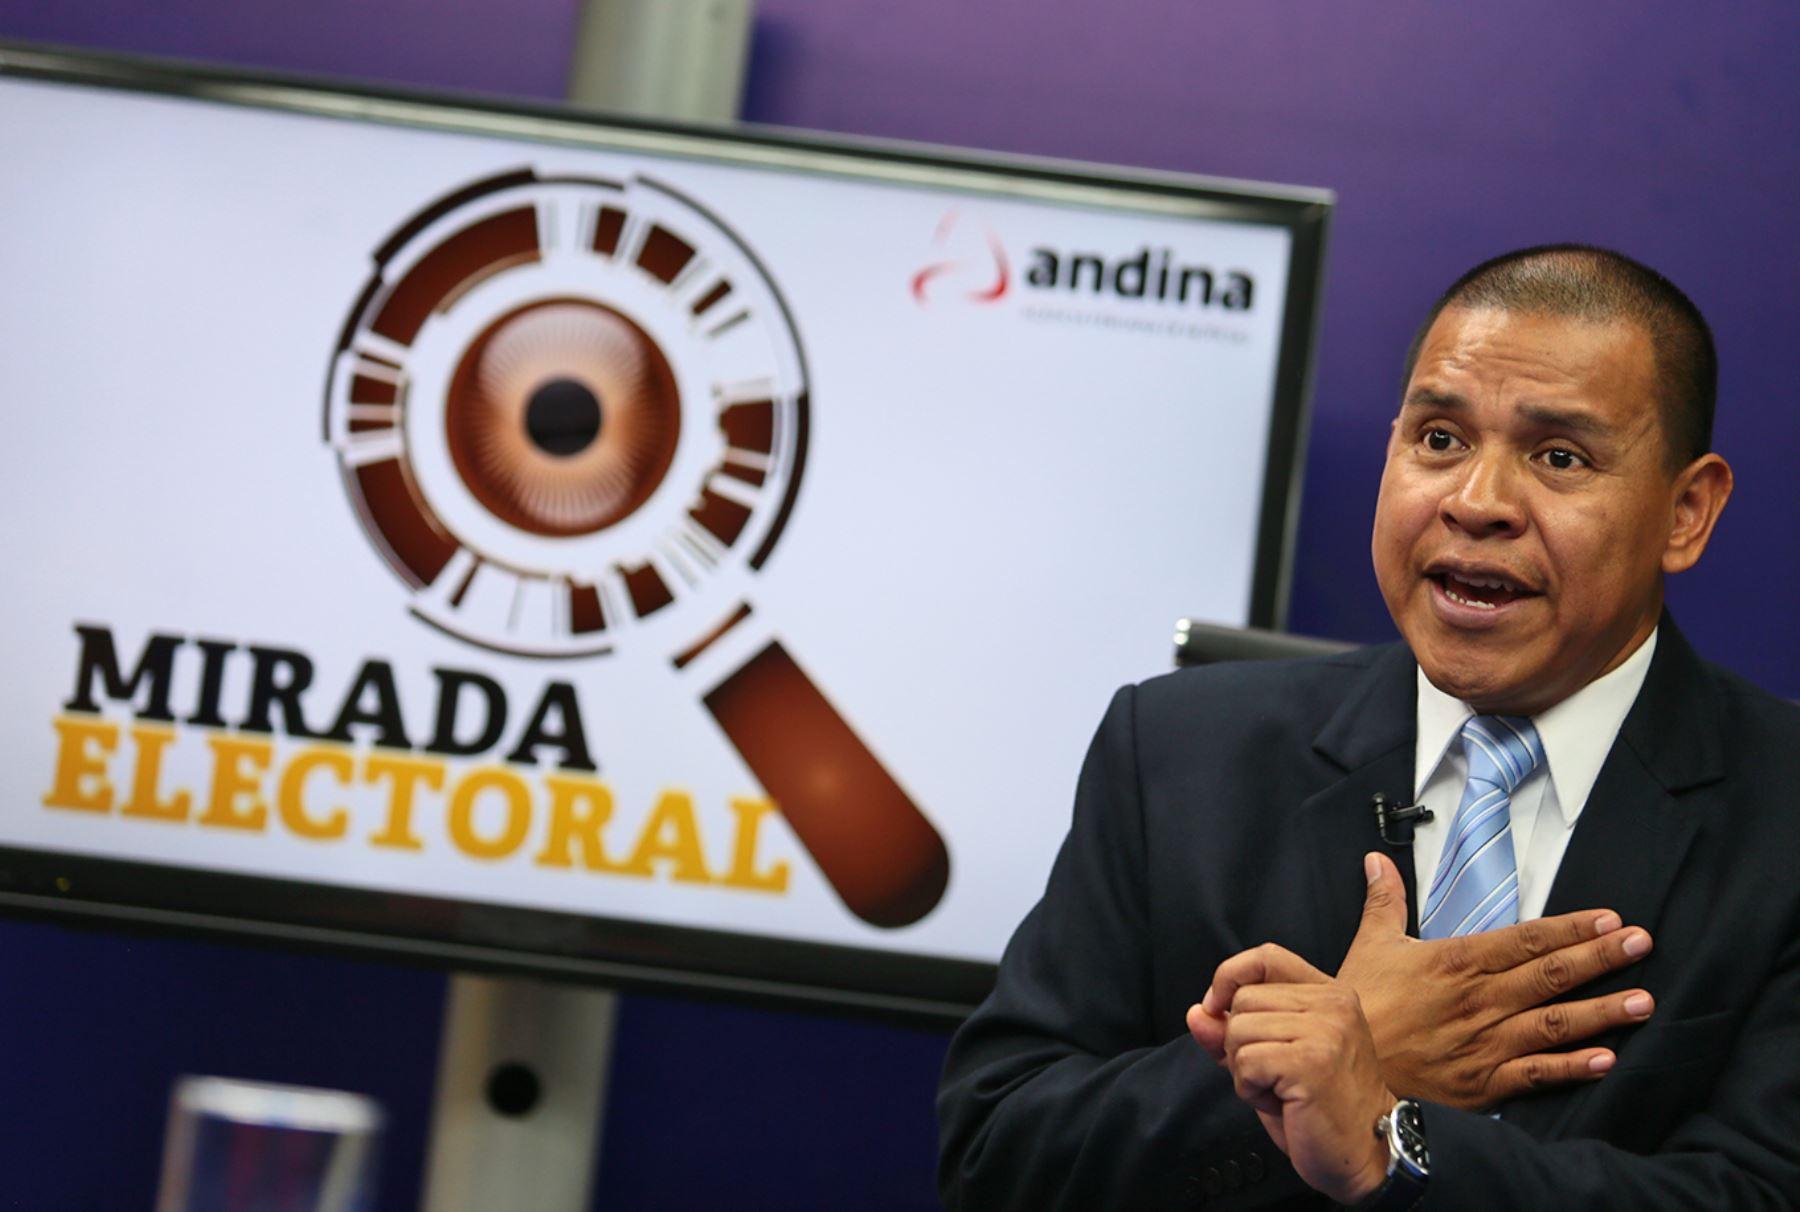 Candidato Miguel Hilario aclara que sí reportó bienes y rentas en ...